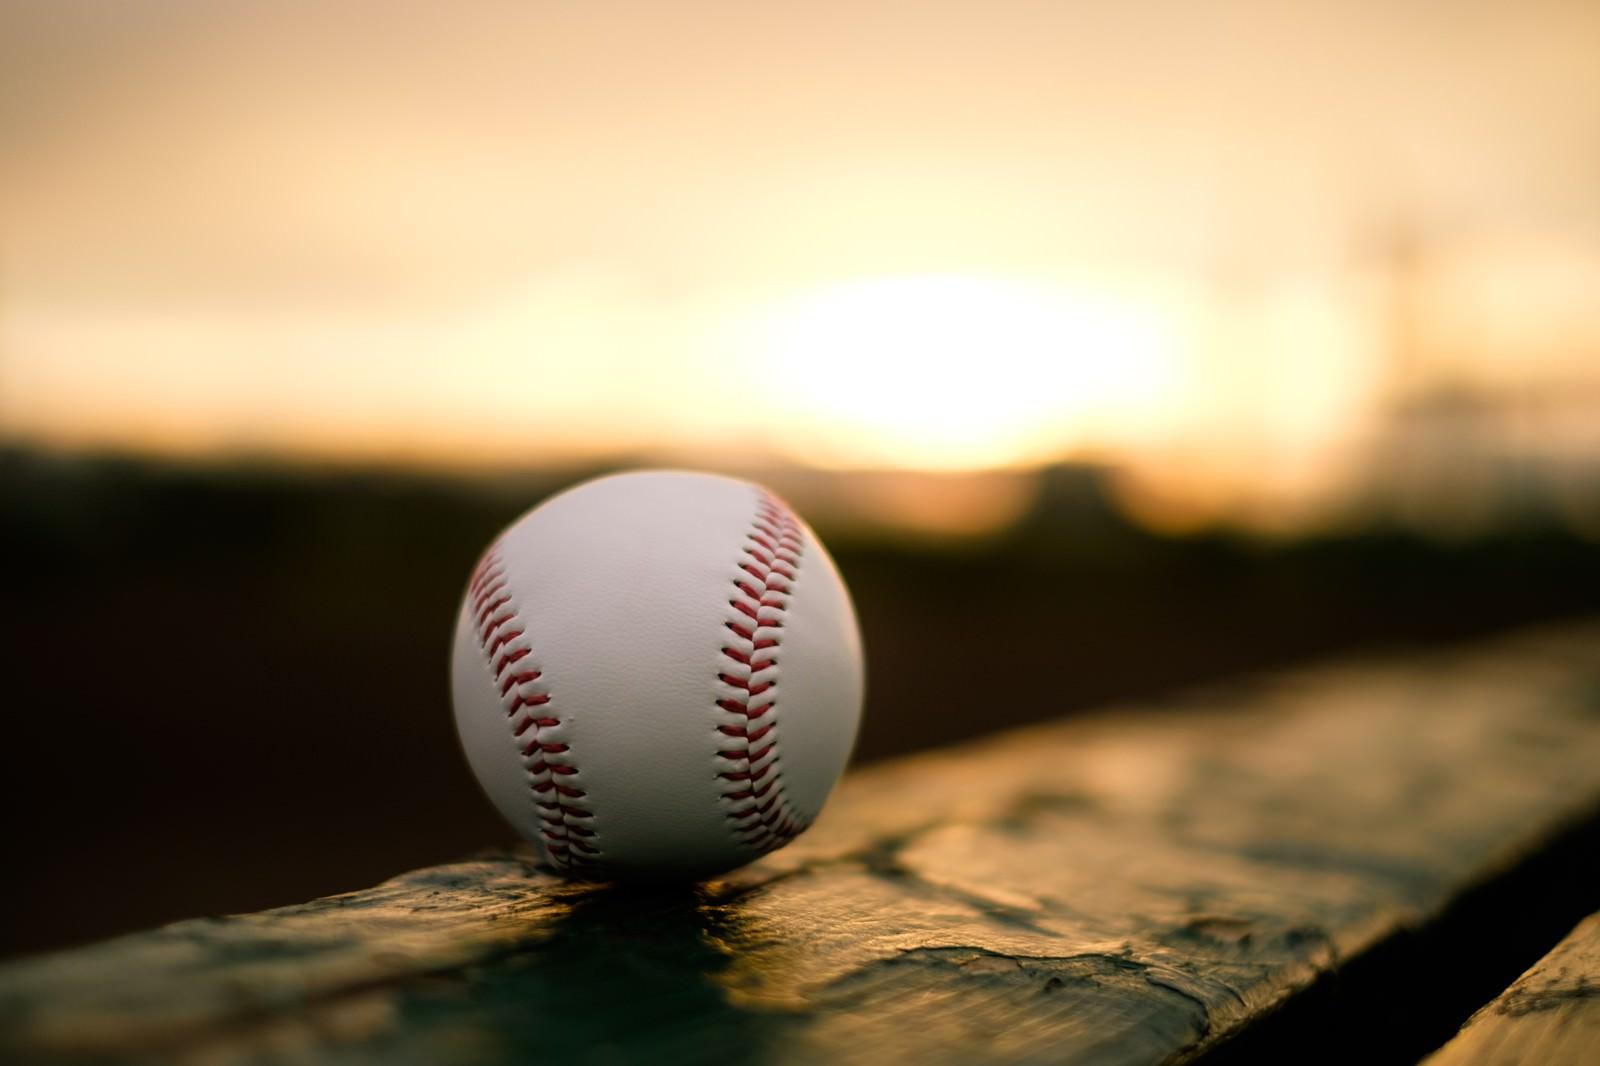 「部活が終わる夕暮れ時、置き忘れた硬球」の写真